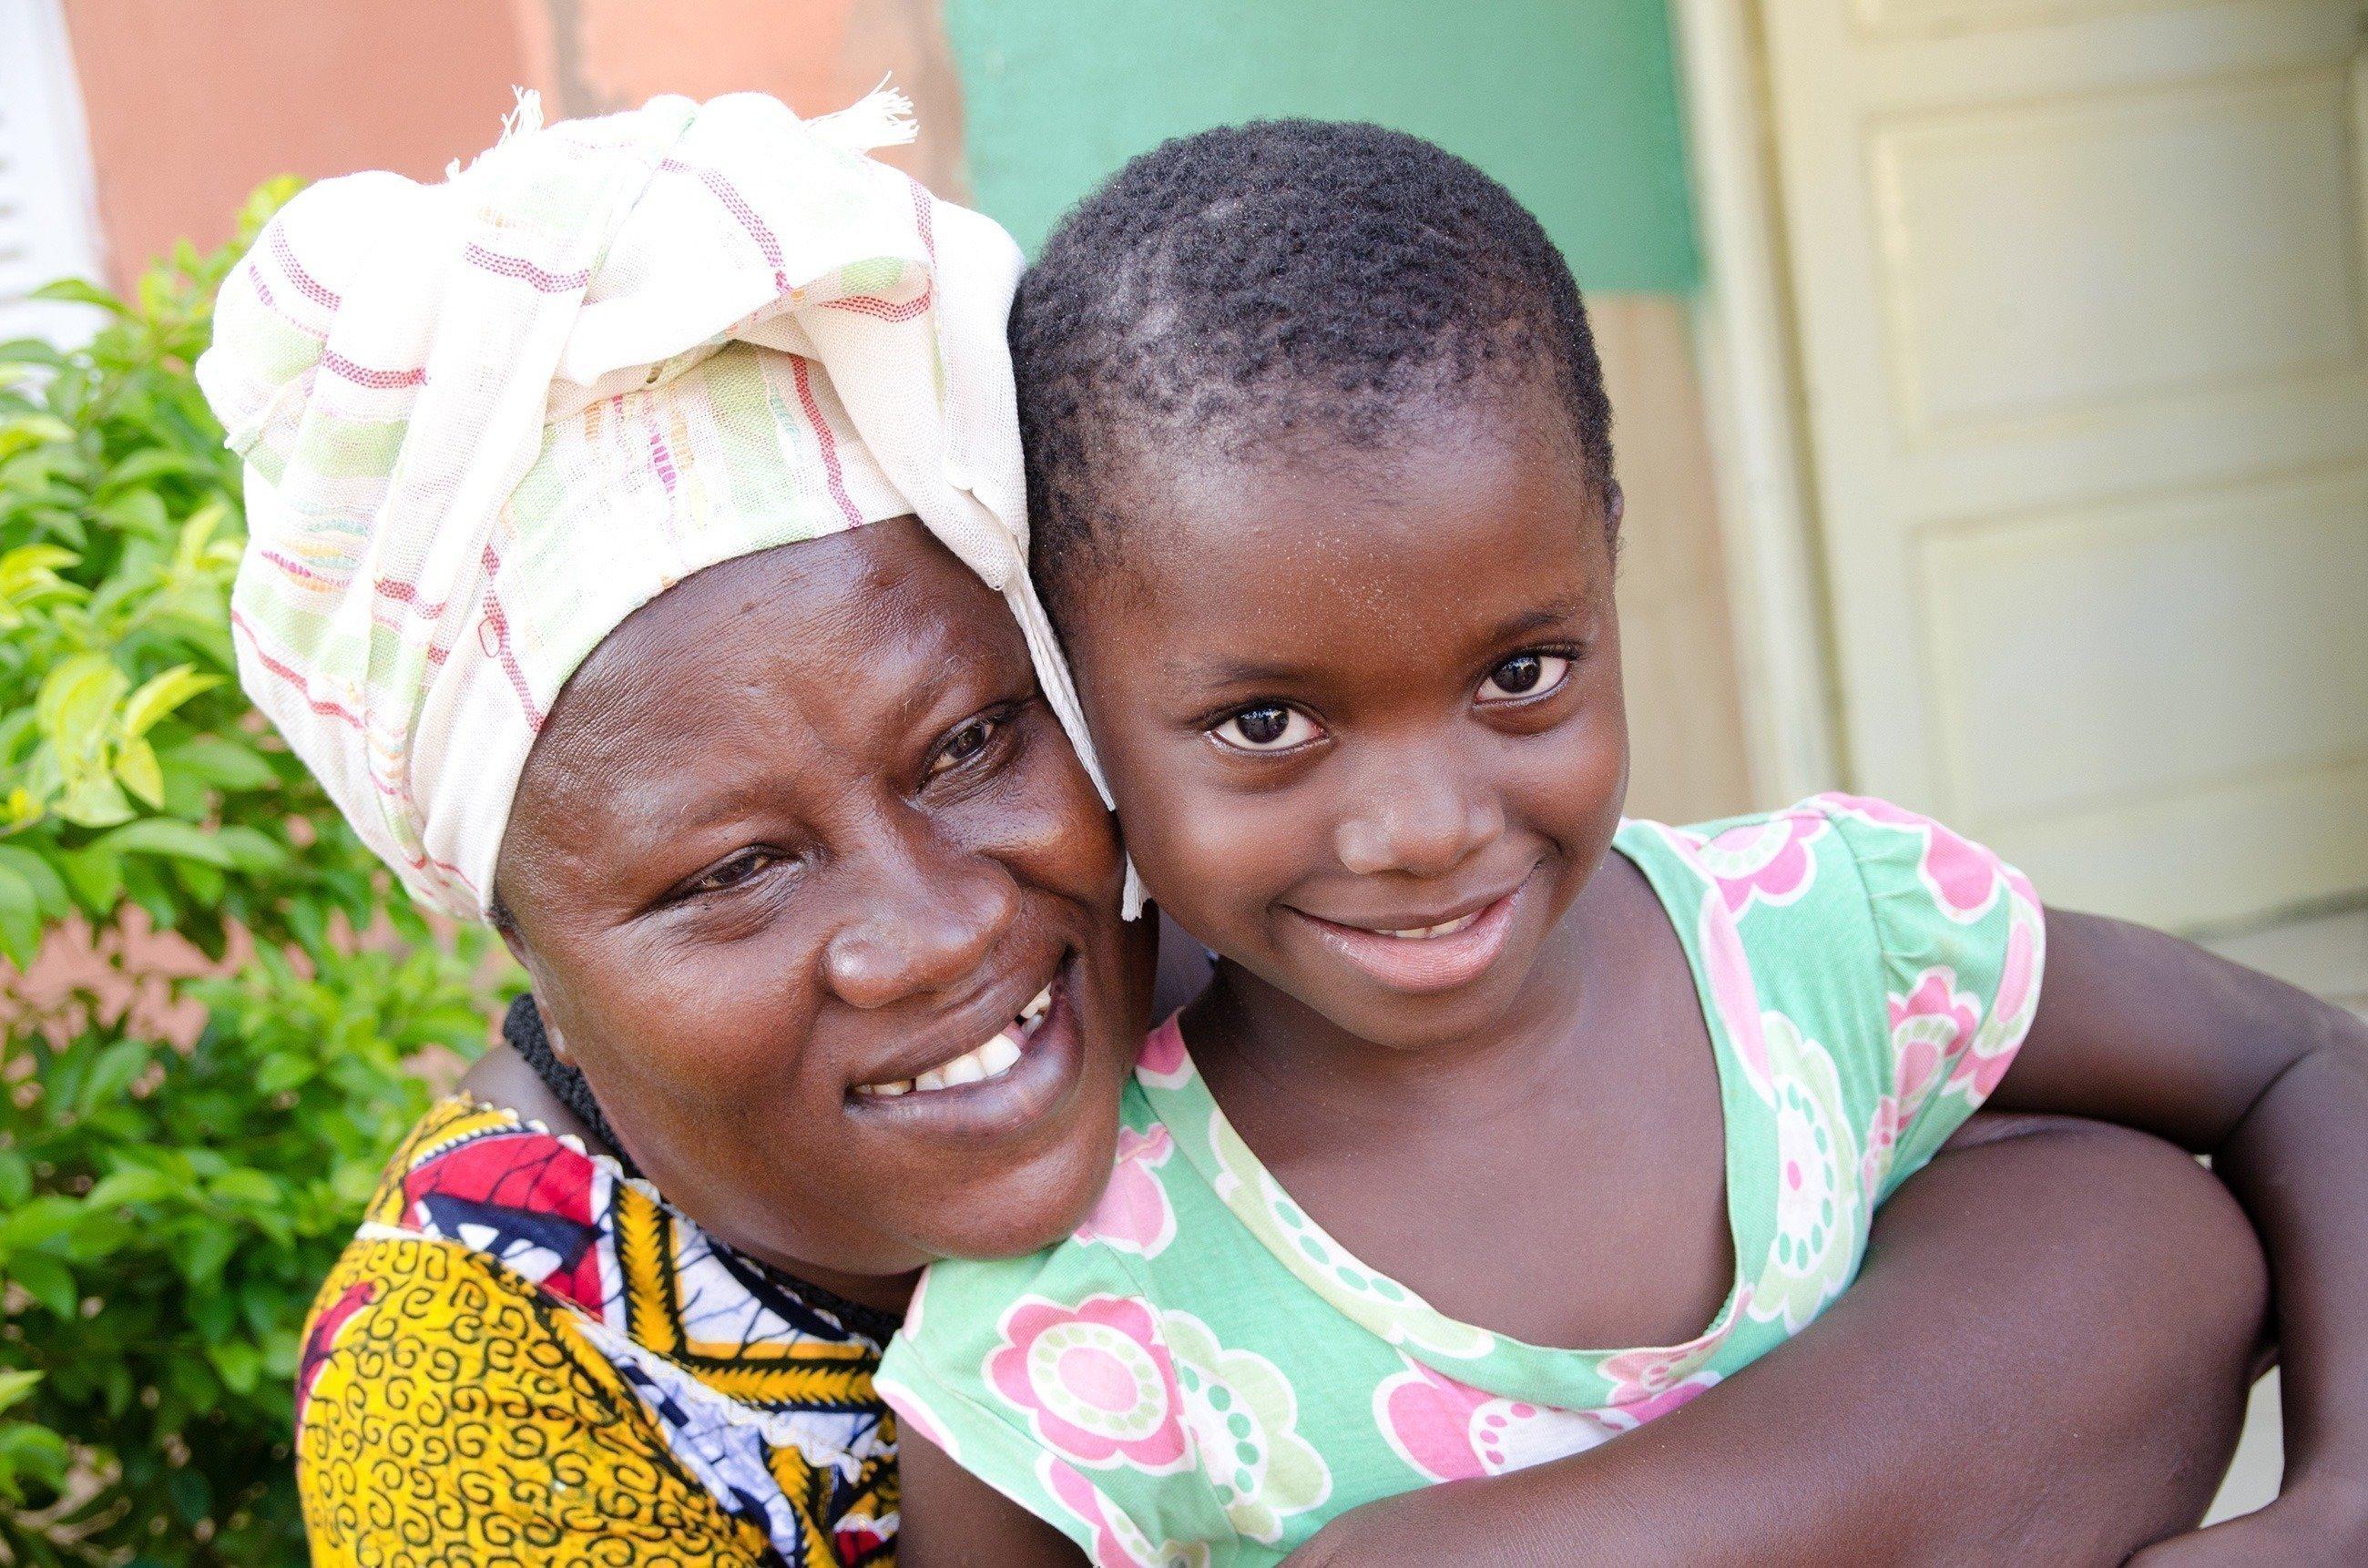 Eine SOS-Kinderdorf Mutter umarmt liebevoll ein kleines Mädchen.